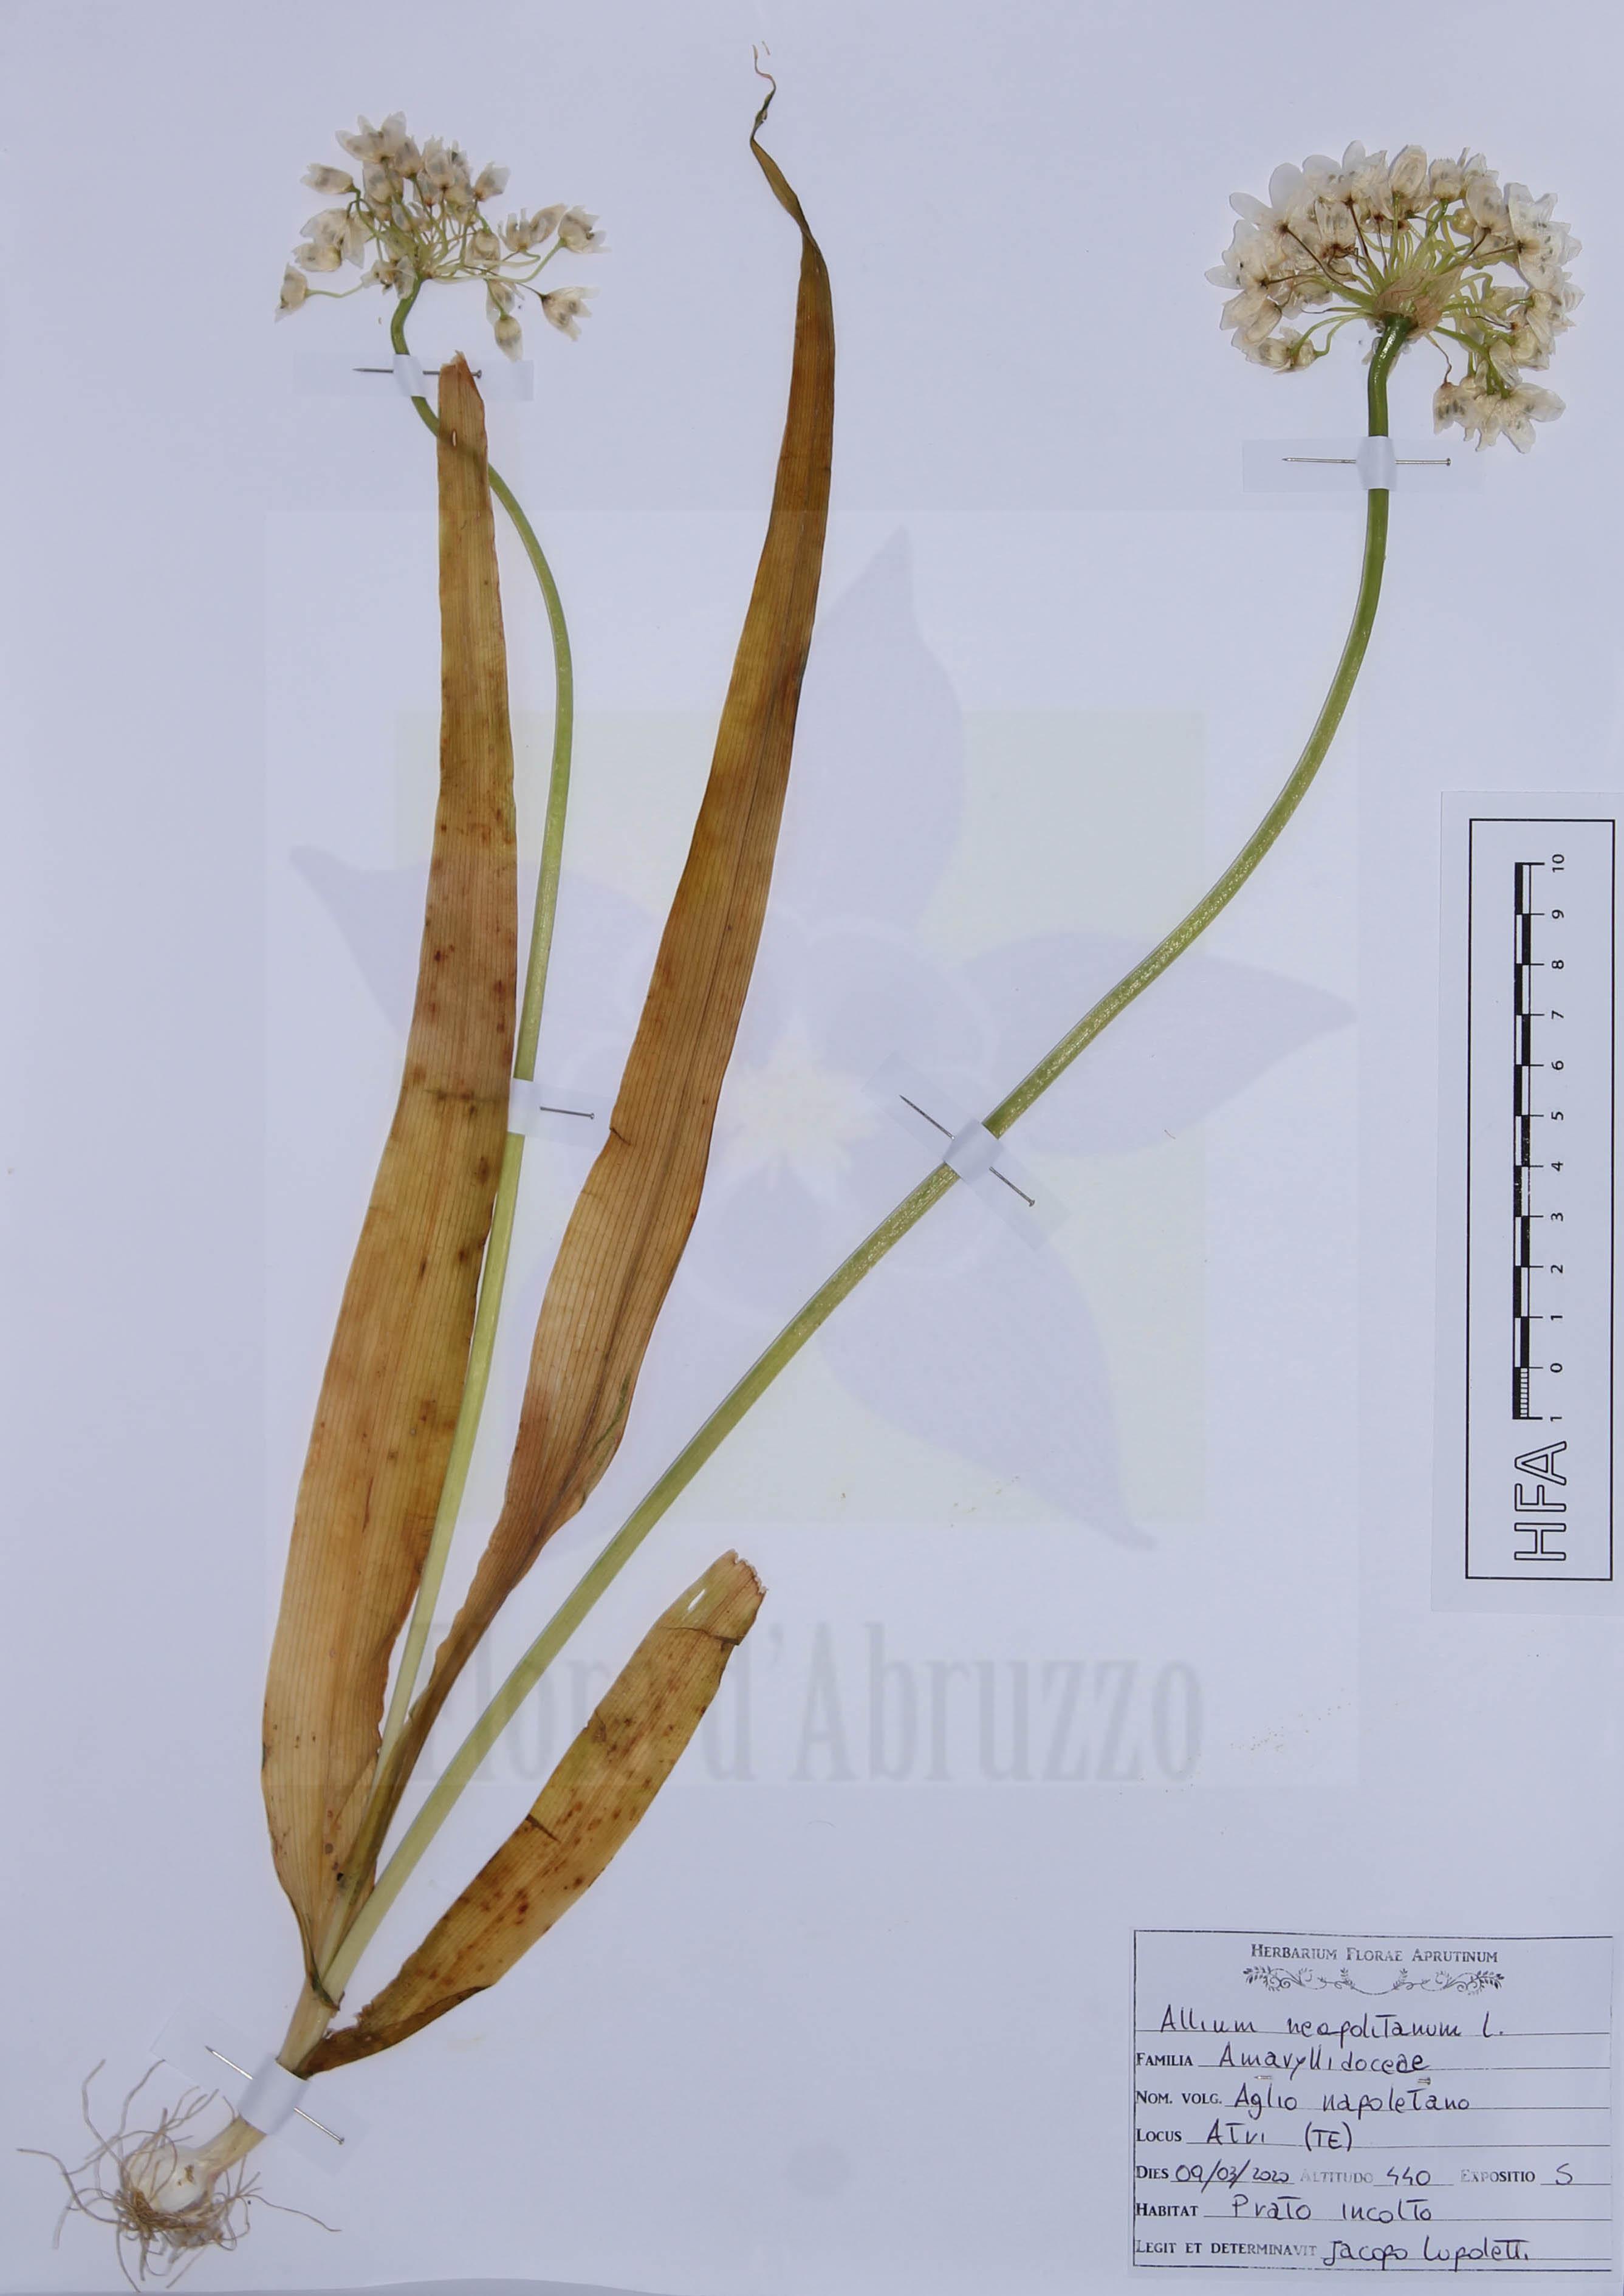 Allium neapolitanum L.